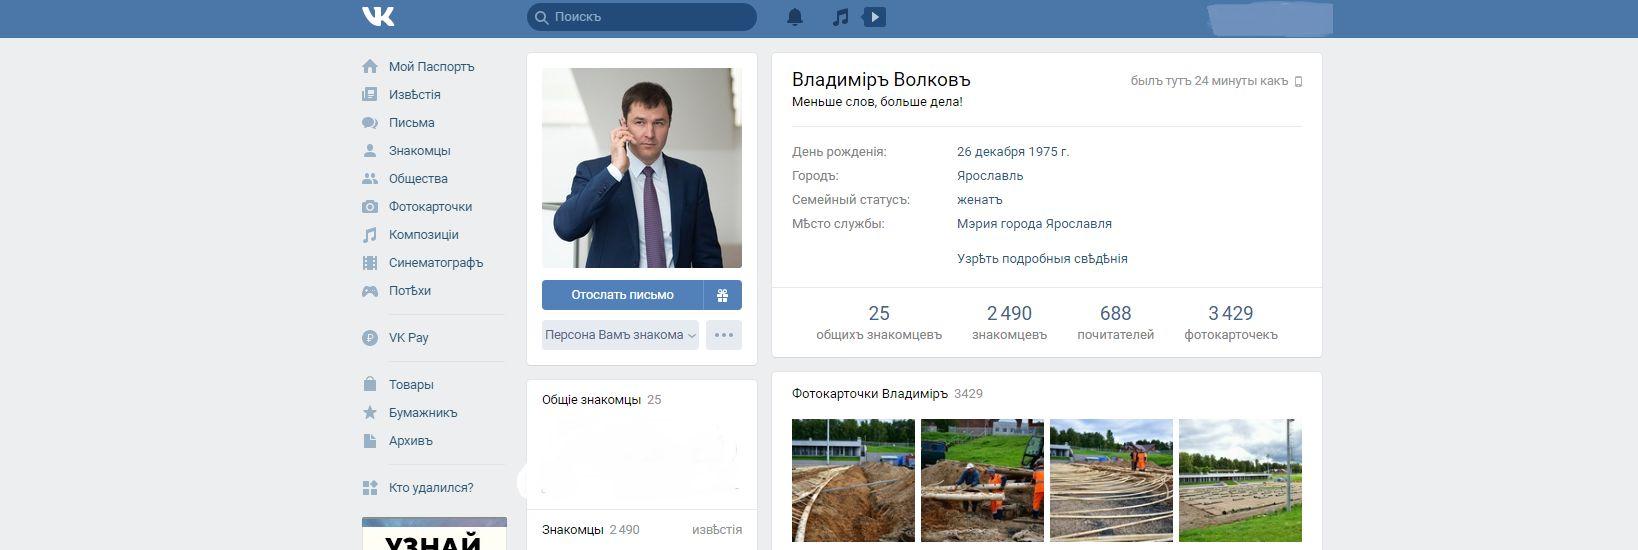 Владимир Волков стал вторым мэром-блогером России